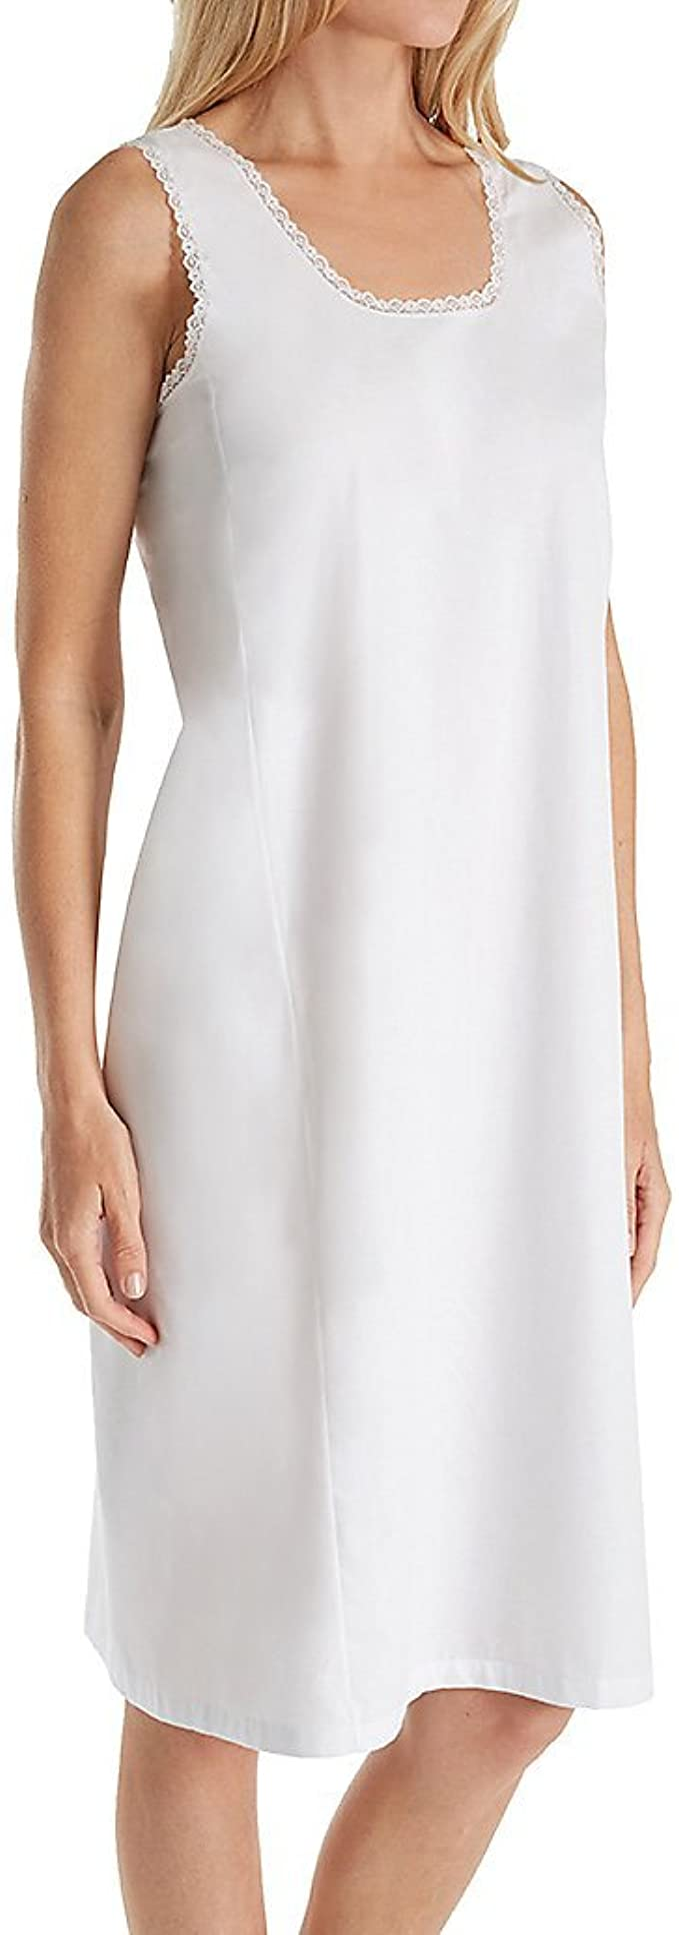 Vintage Inspired Slips Velrose Cotton Full Slips White Style 801  AT vintagedancer.com